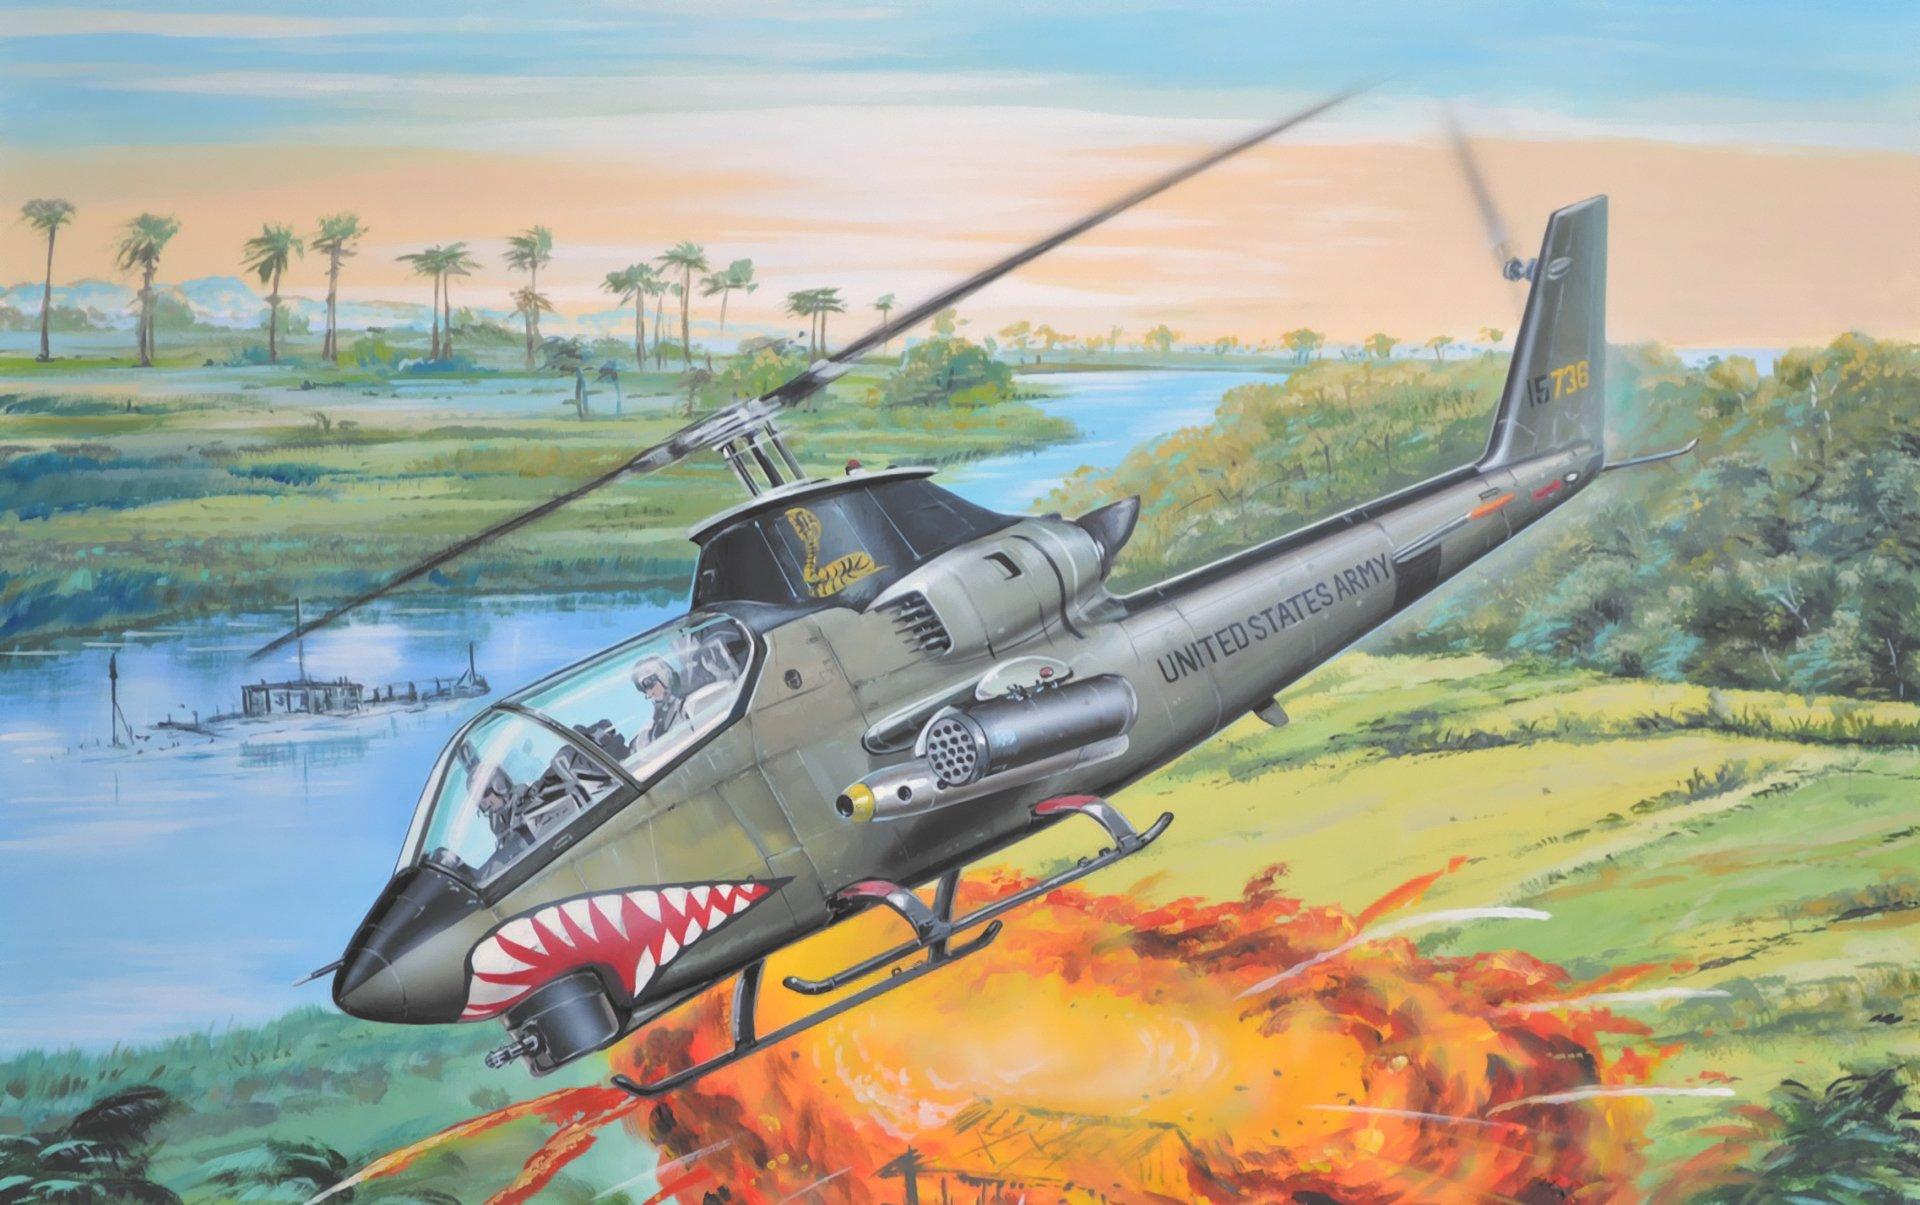 Обои sea dragon, Sikorsky mh-53e, «си дрэгон». Авиация foto 10